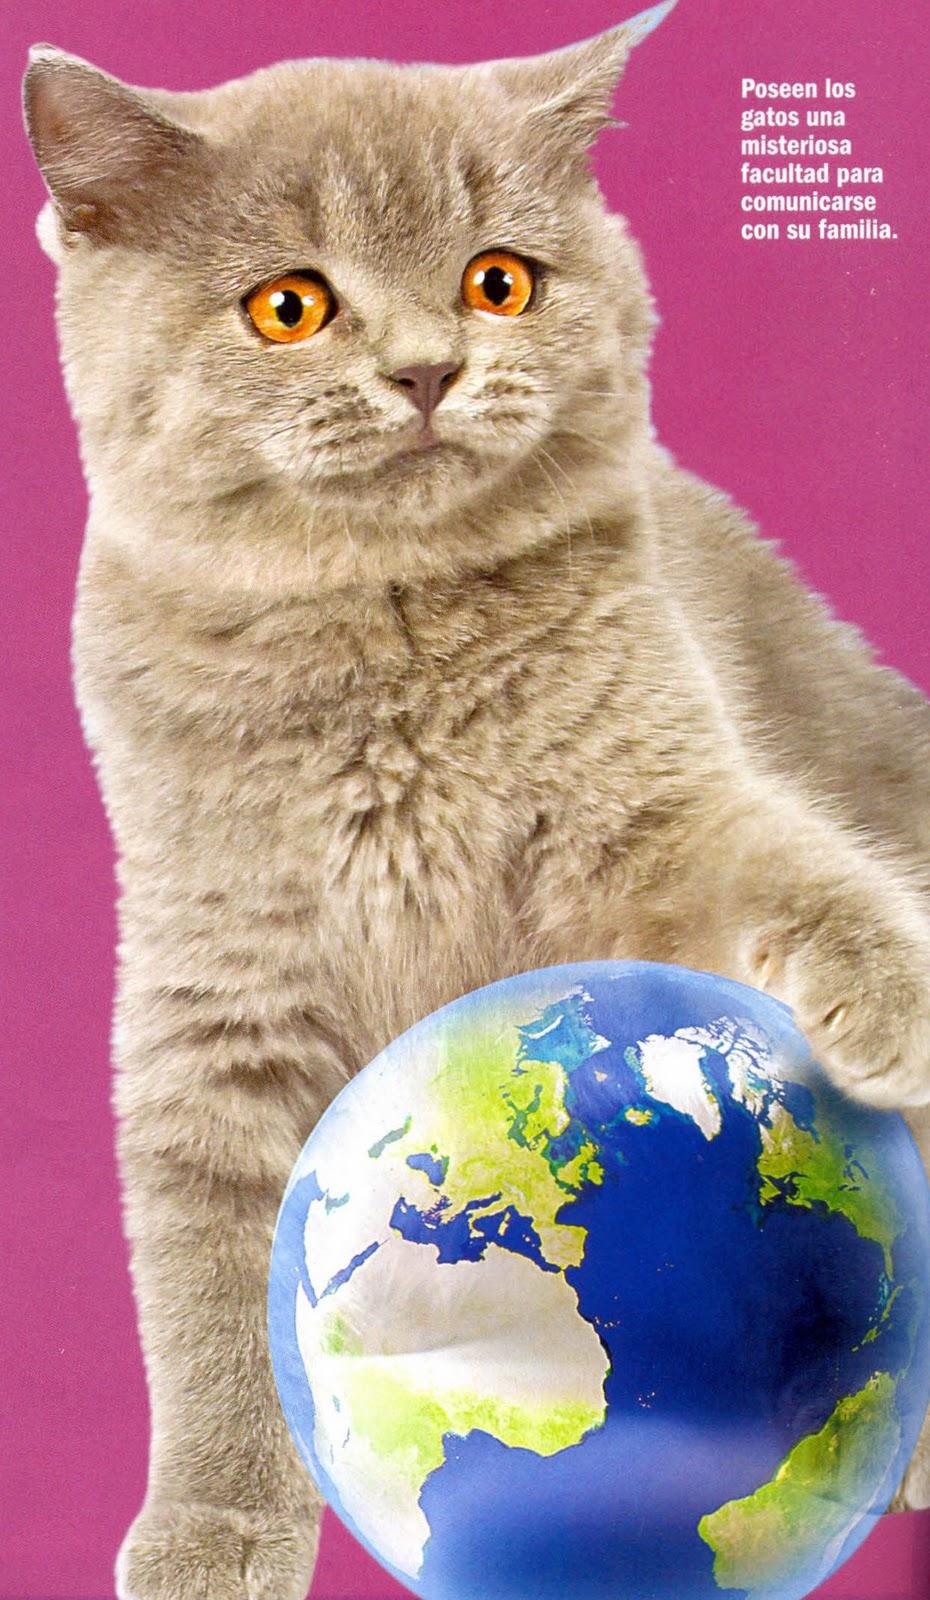 mtroya | El cuidado de tu gato | Página 14